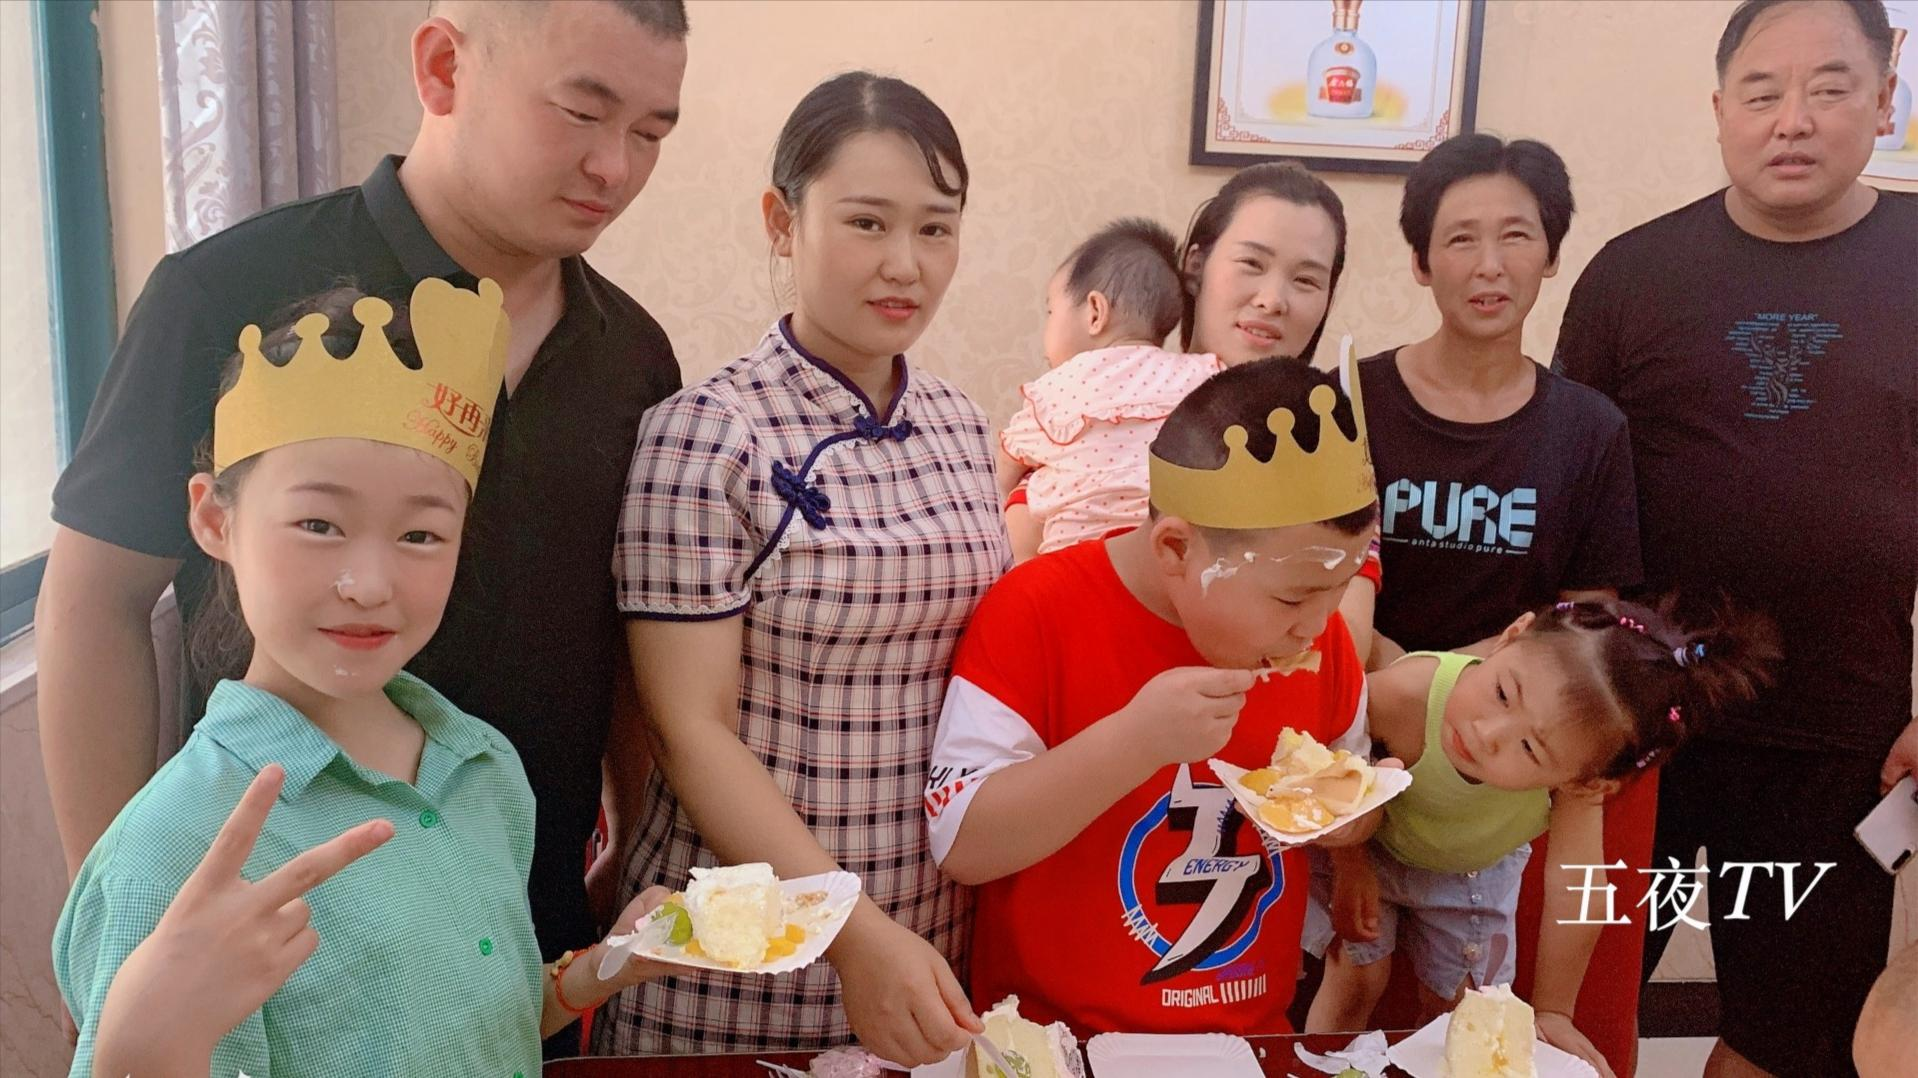 梅子侄女过11岁生日,爸爸妈妈邀请亲朋好友做客,场面温馨又热闹